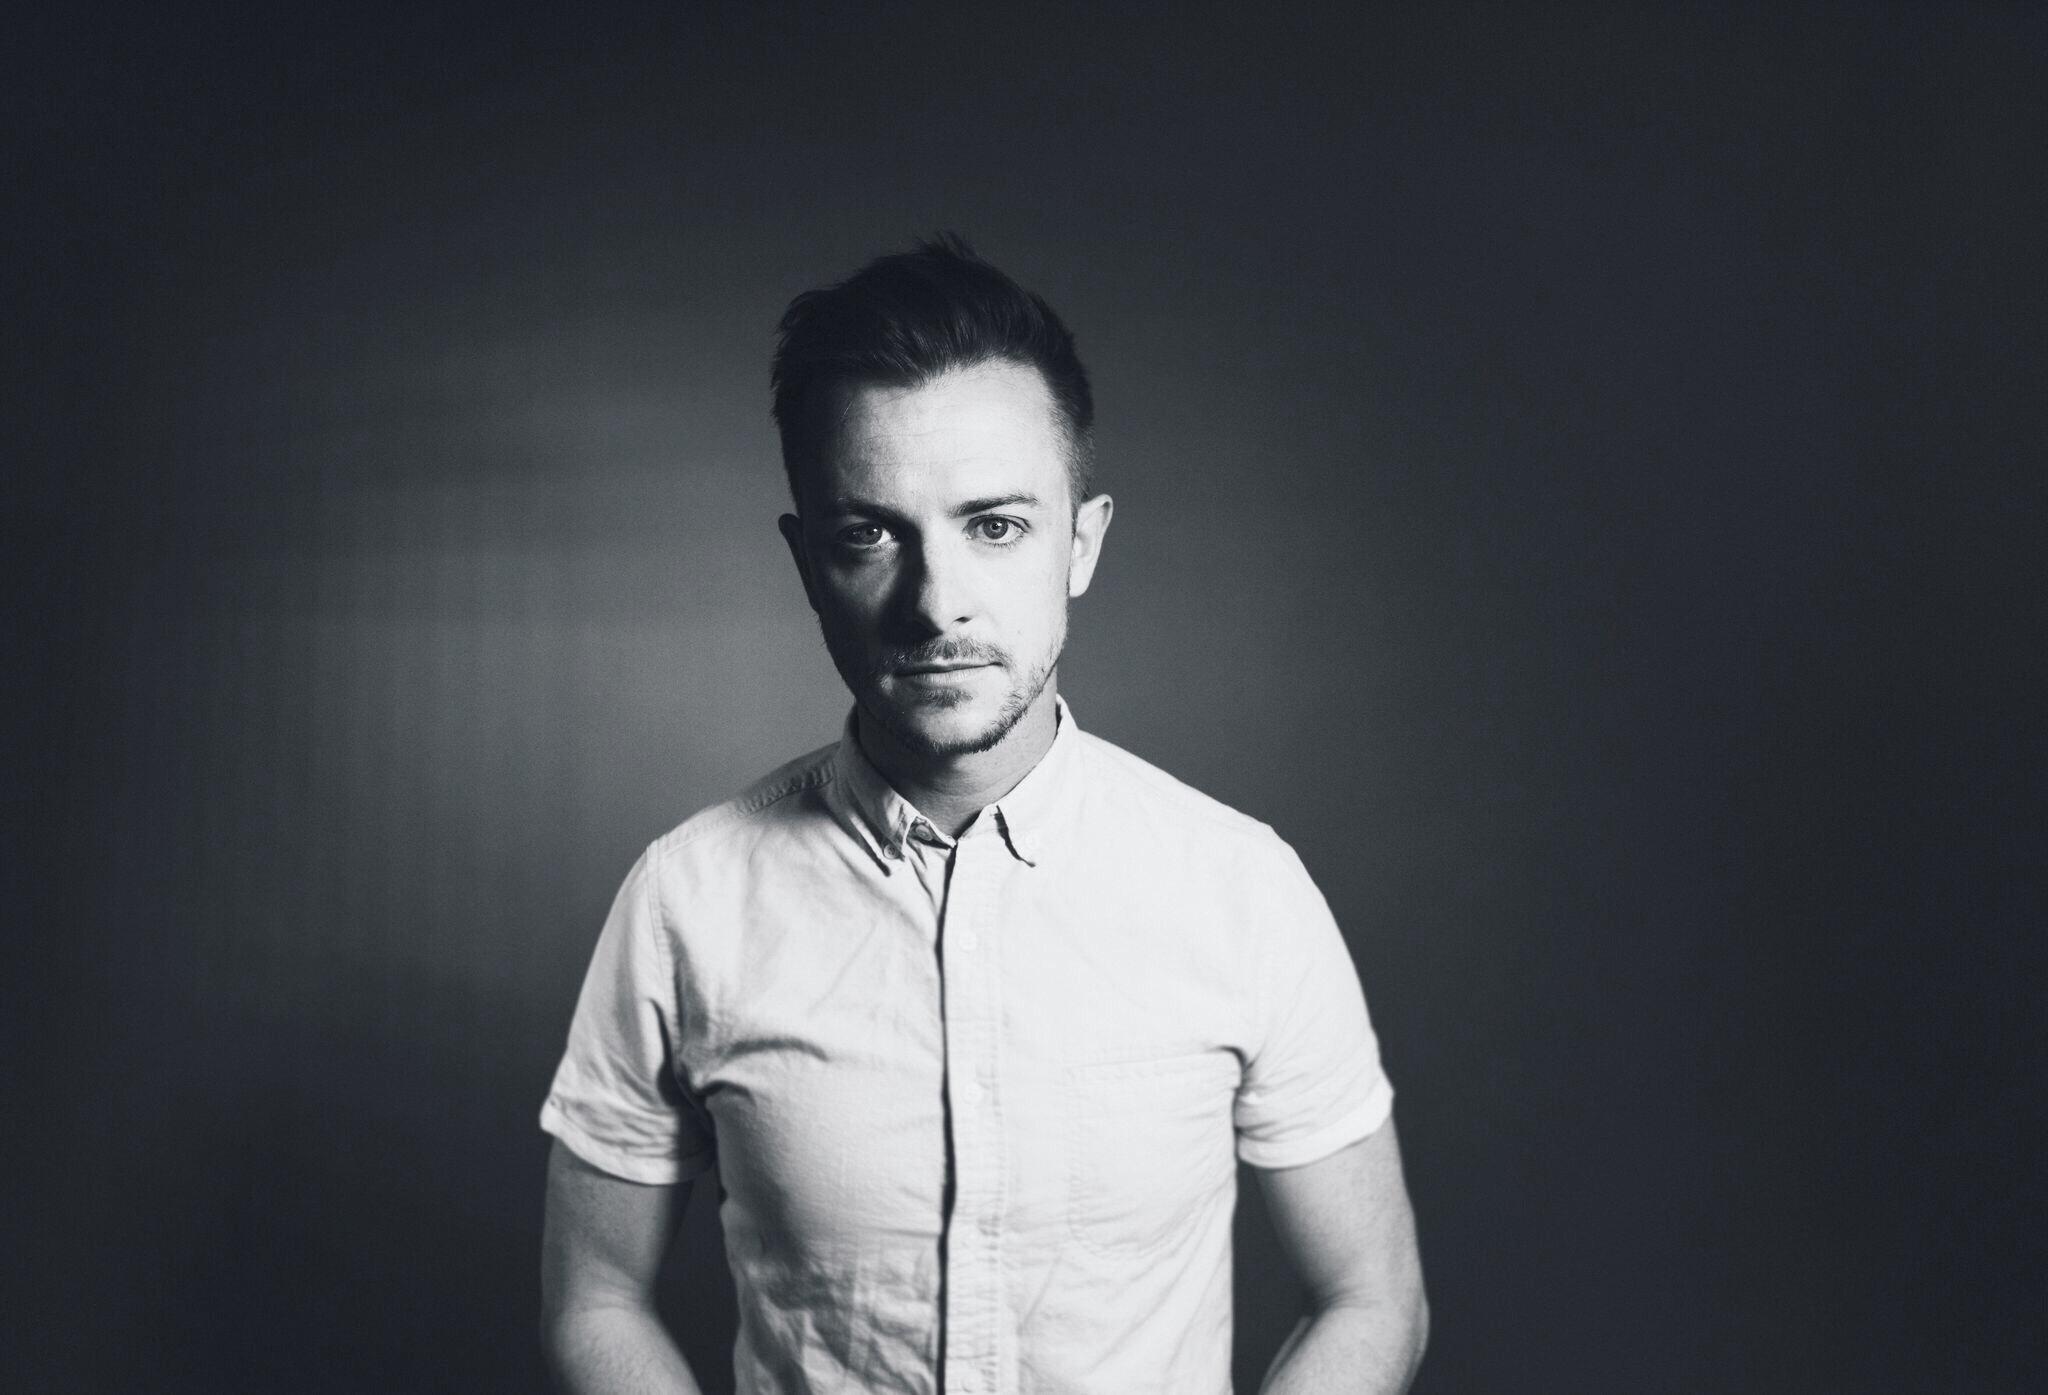 Chris Ayer